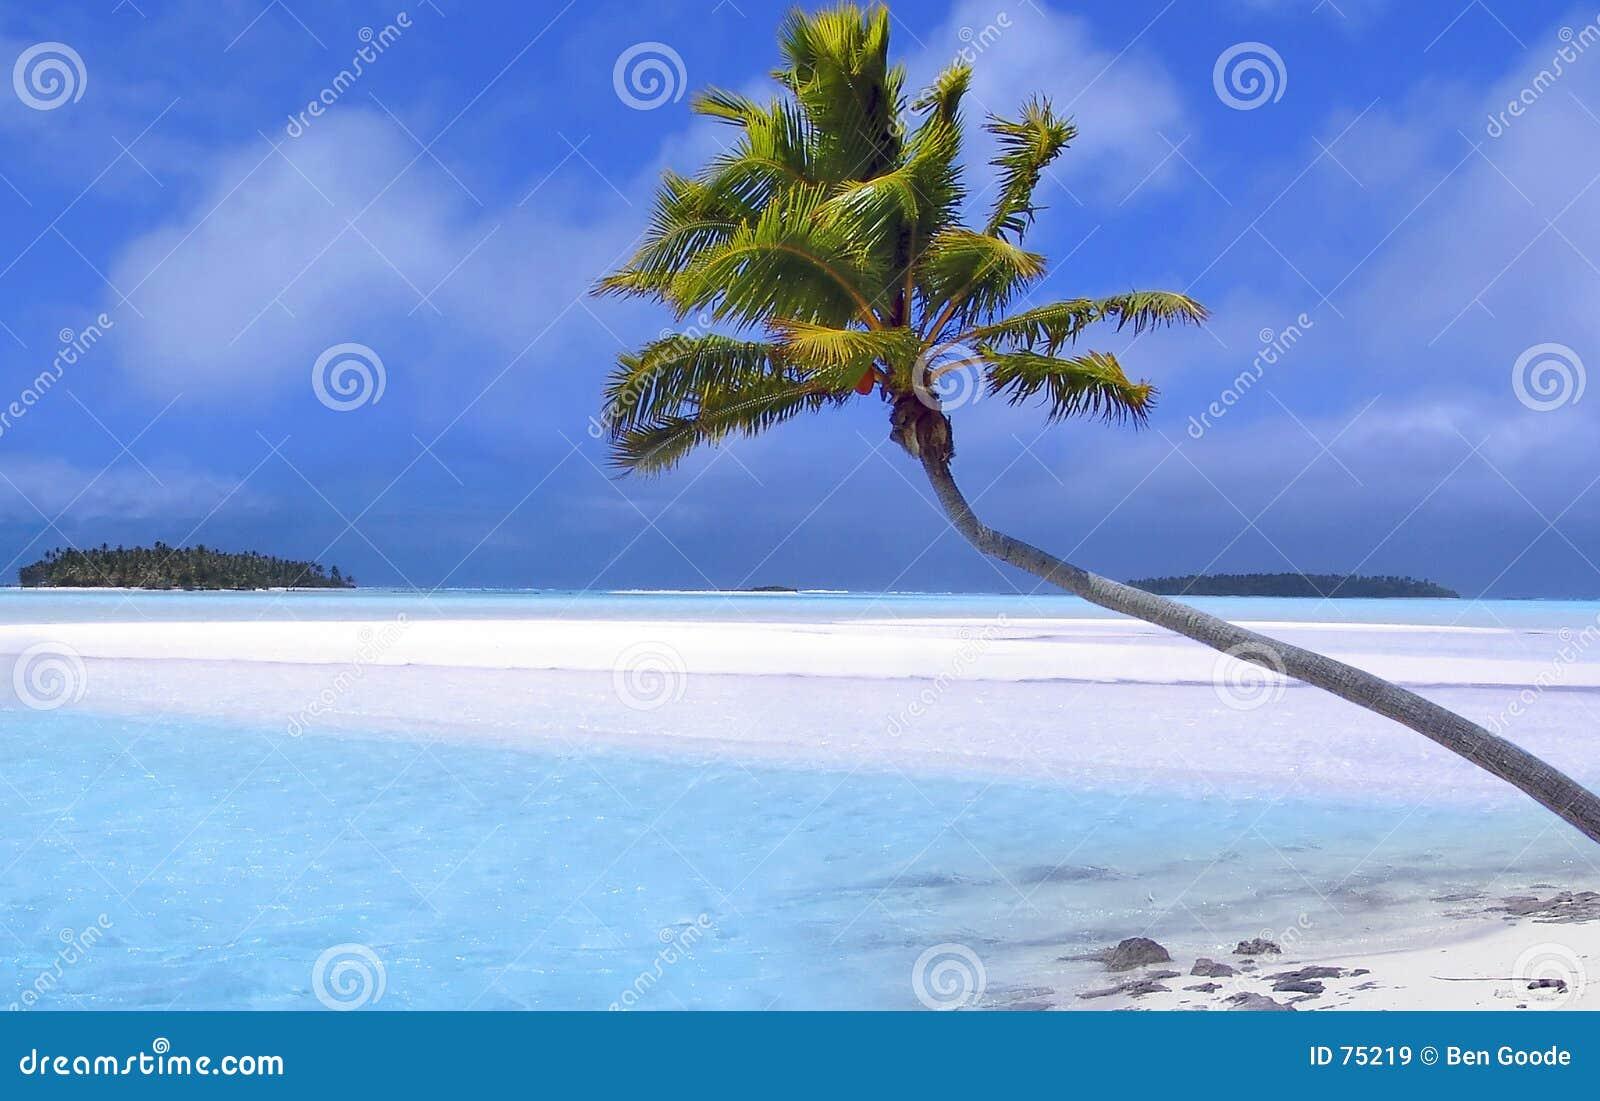 Tropischer Traum